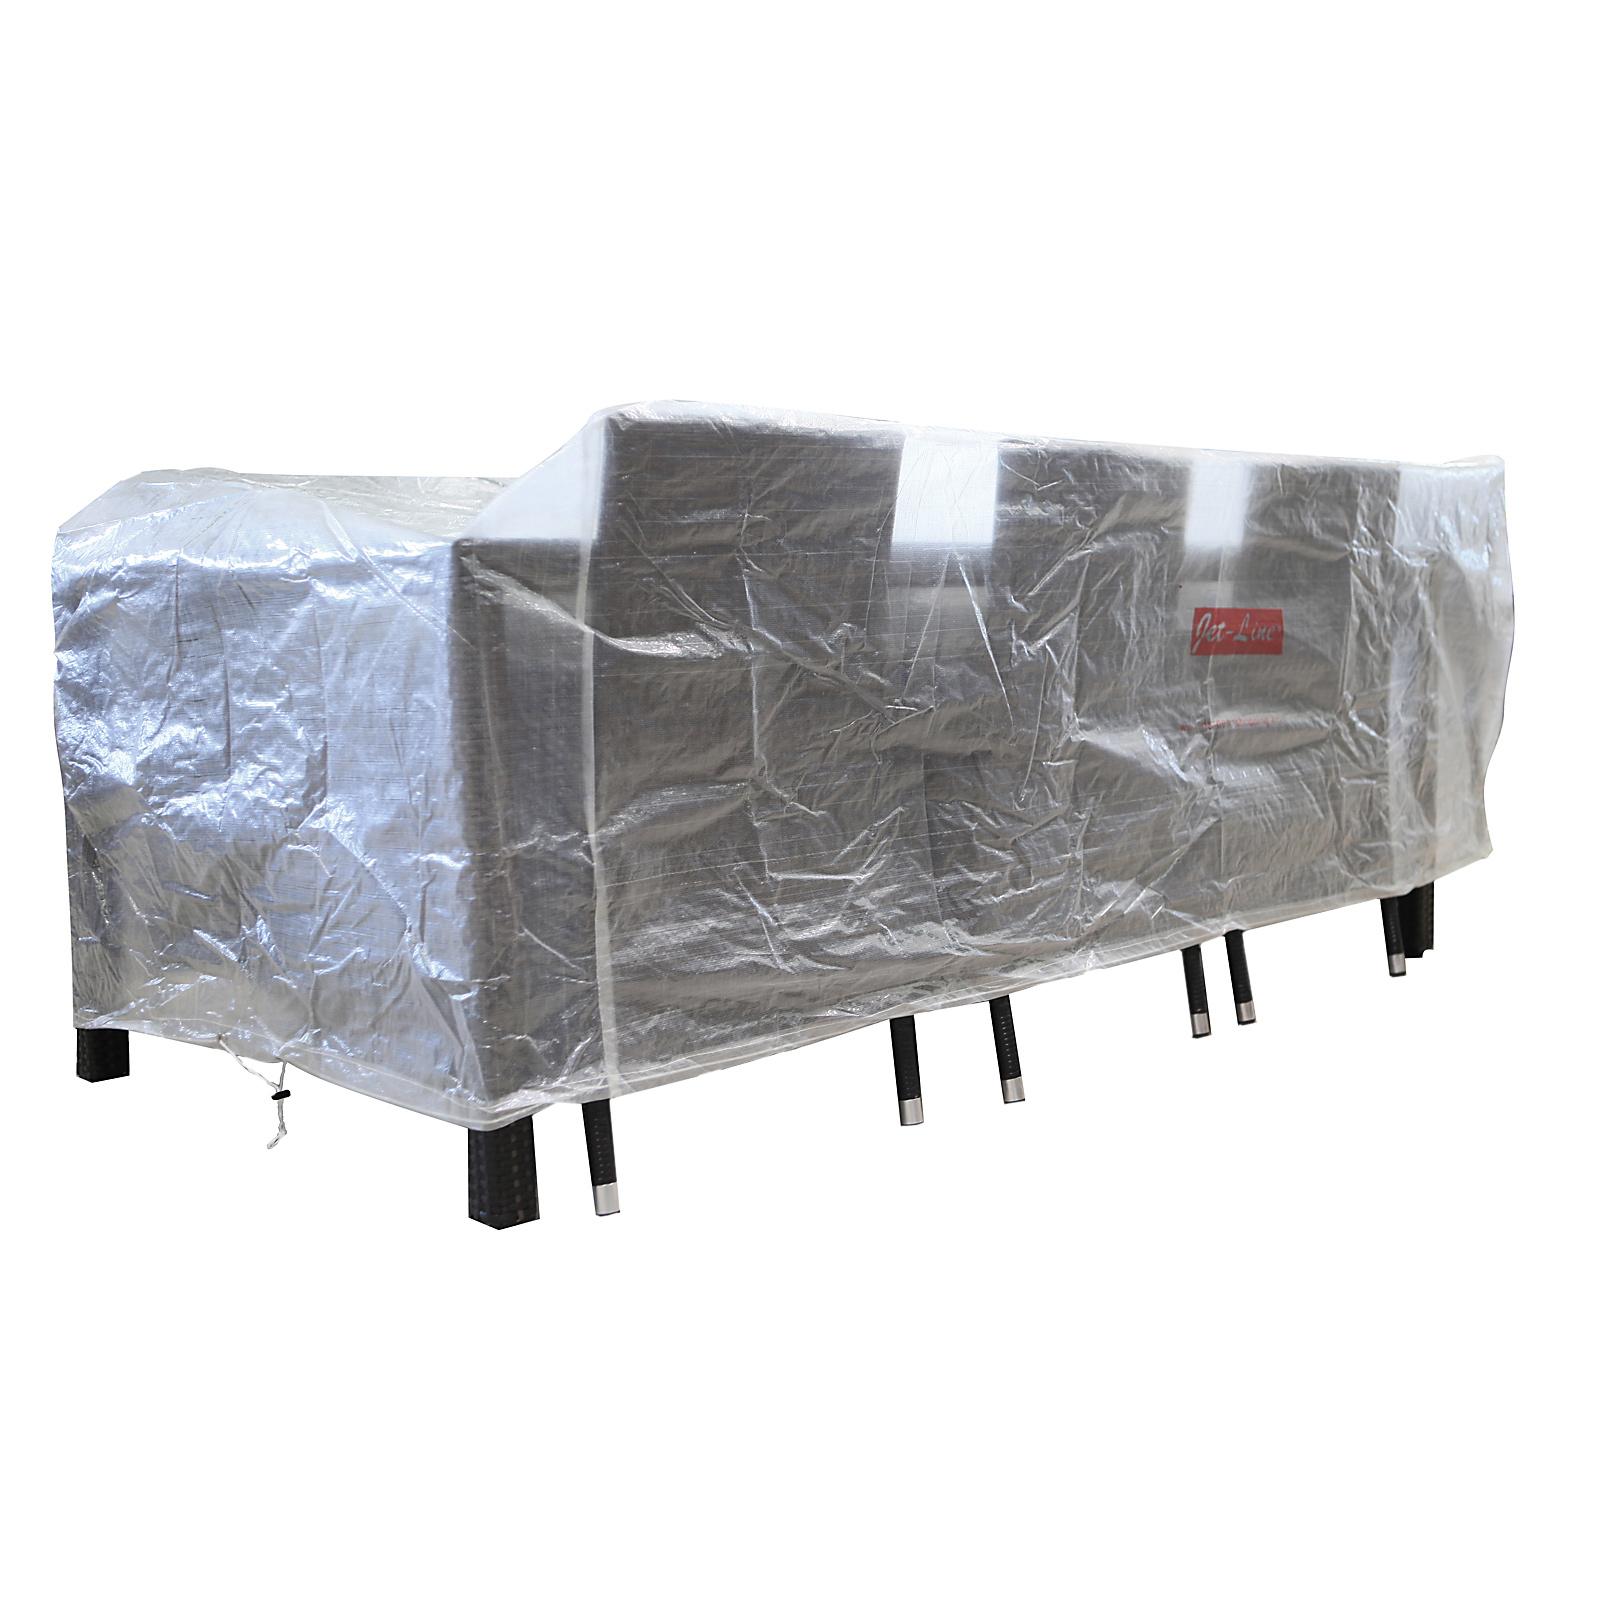 schutzh lle gartenm bel abdeckung wetterschutz abdeckhaube x 1 4 m ebay. Black Bedroom Furniture Sets. Home Design Ideas